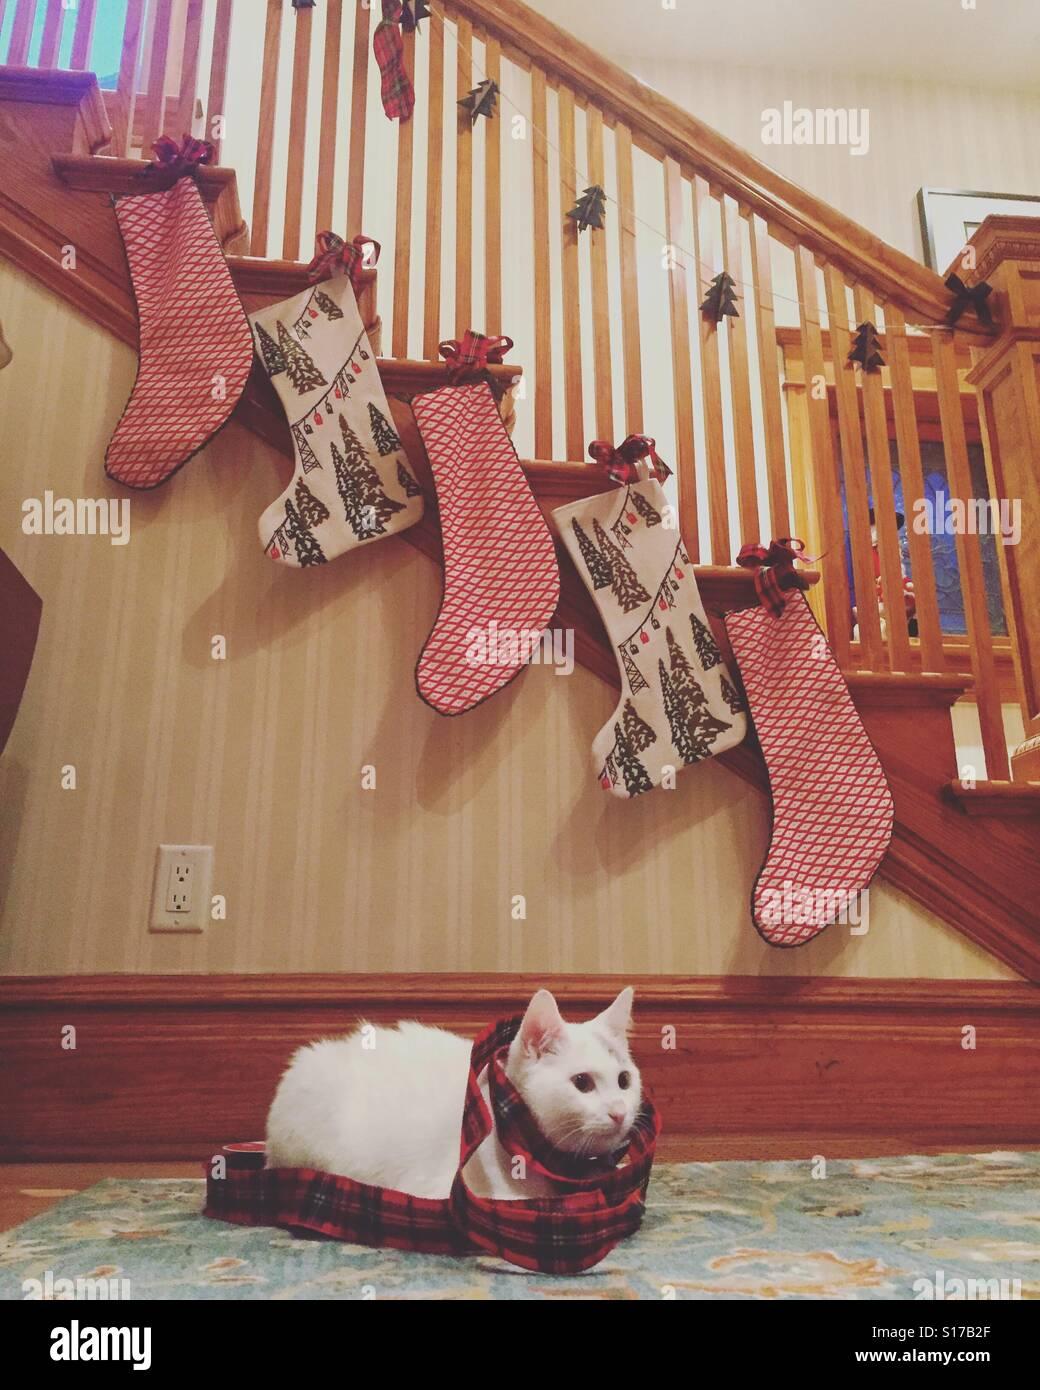 Eine süße weiße Katze eingehüllt in Weihnachten Ribbon sitzt unter Weihnachtsstrümpfe. Stockbild